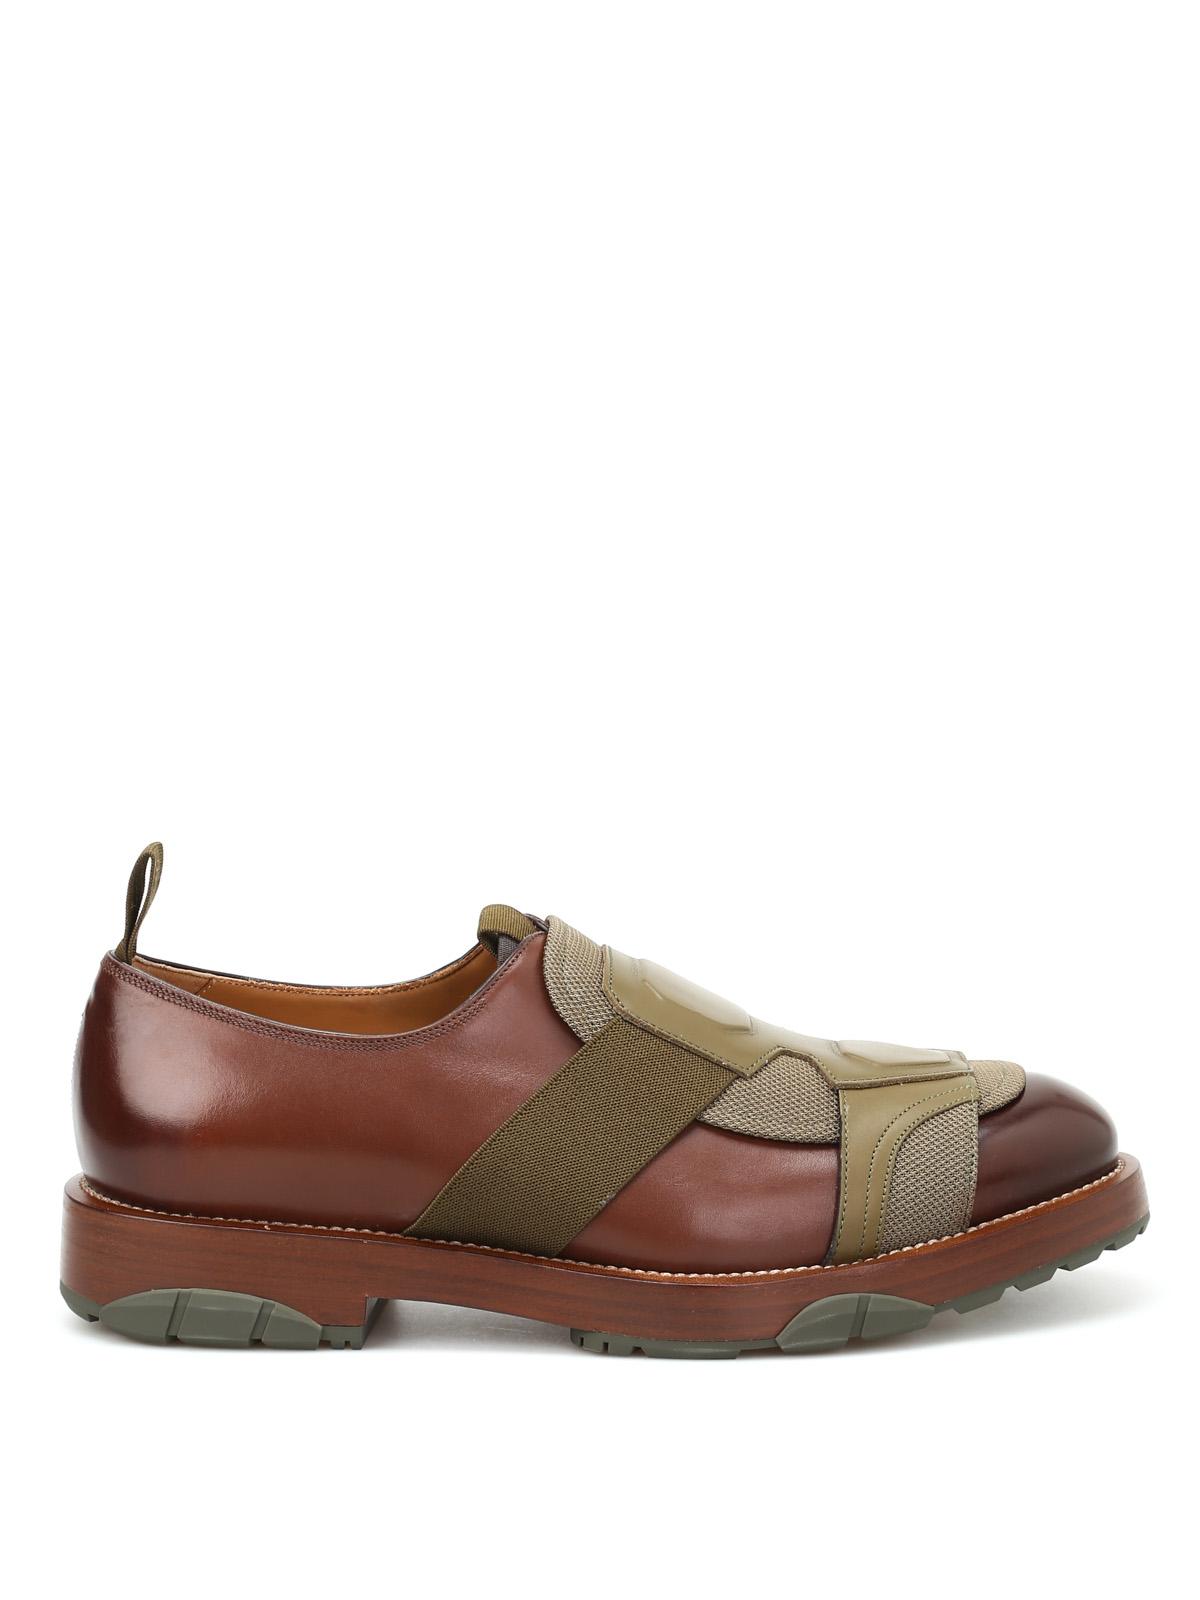 Moncler Shoes Sale